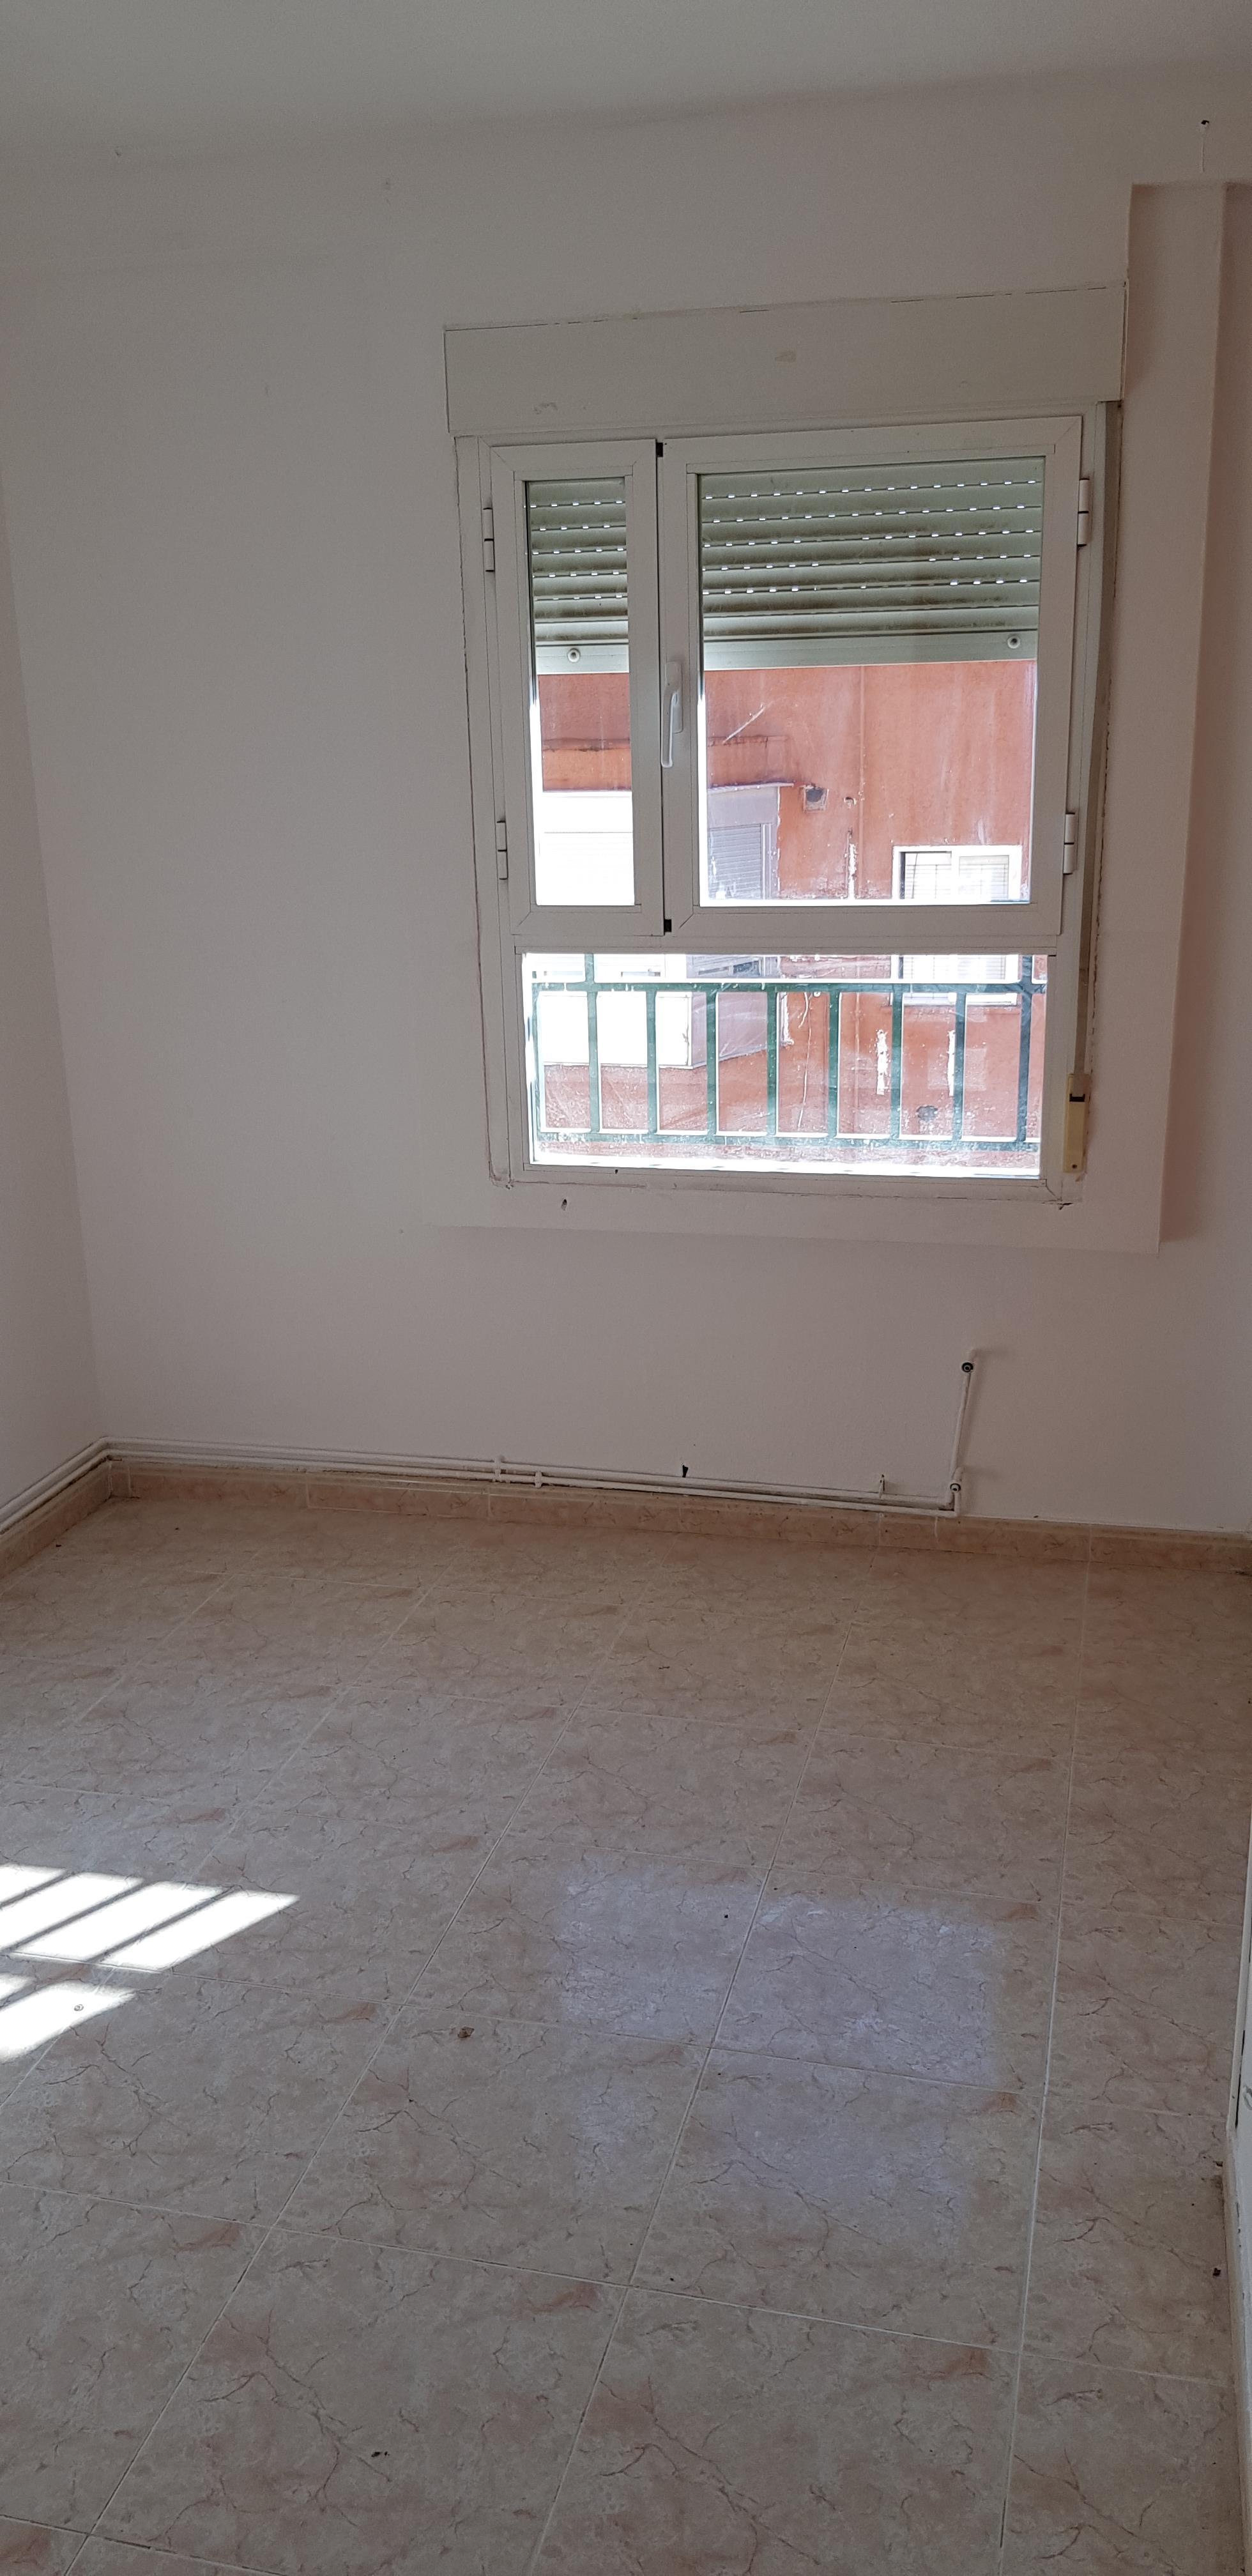 Piso en venta en Piso en San Martín de la Vega, Madrid, 97.000 €, 3 habitaciones, 2 baños, 87 m2